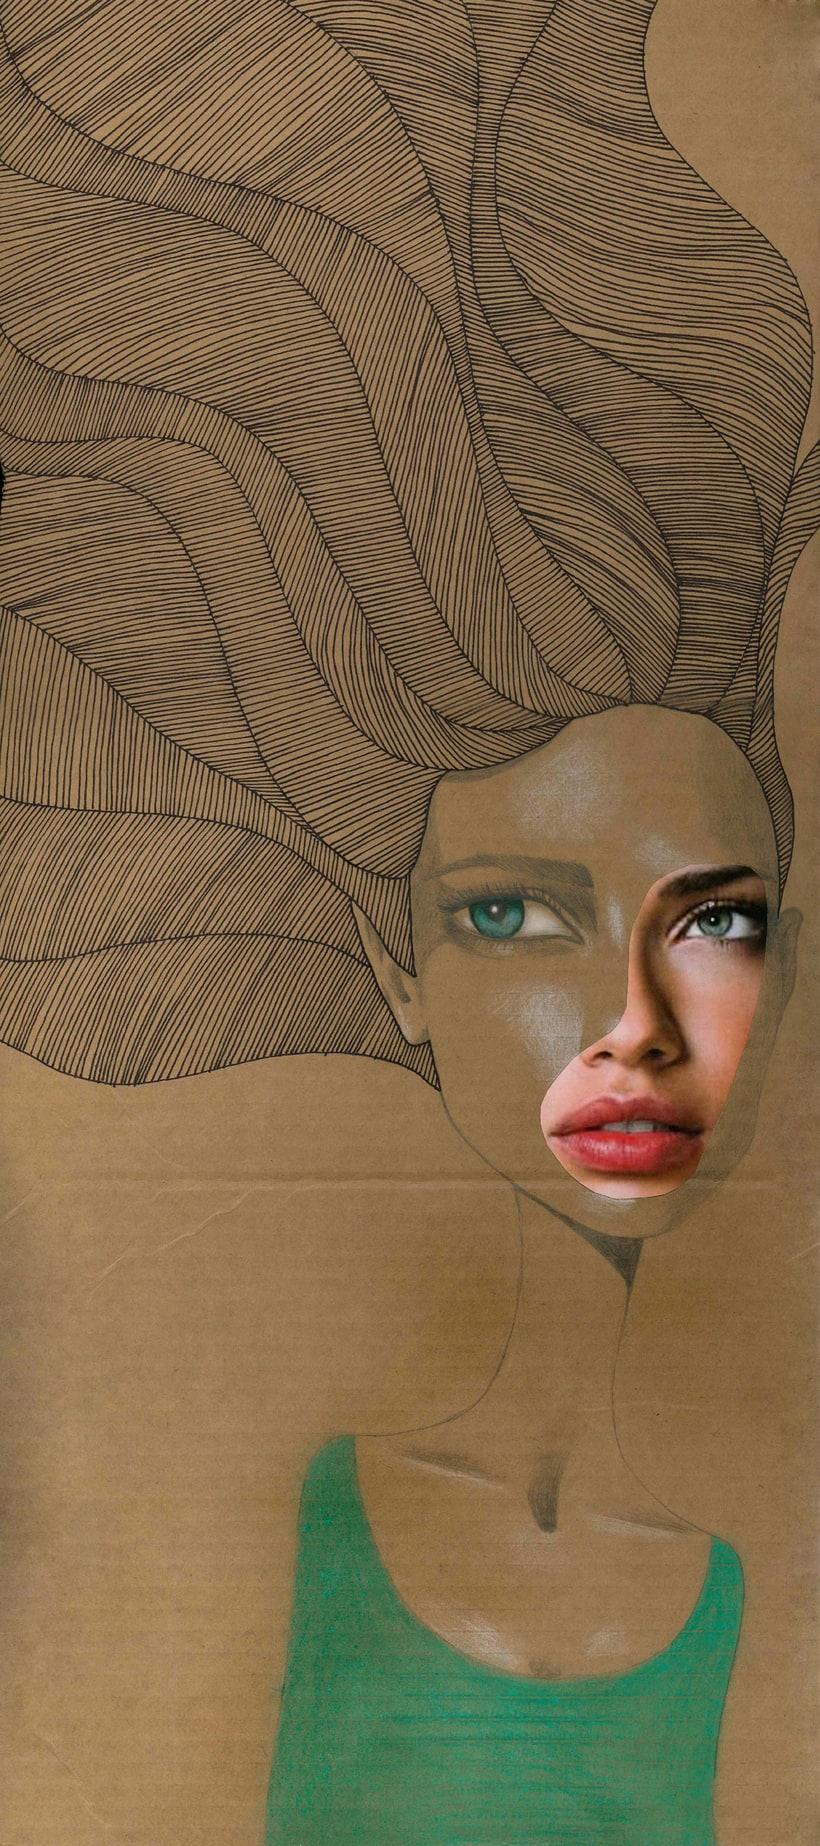 La Belleza de la Imperfección 2